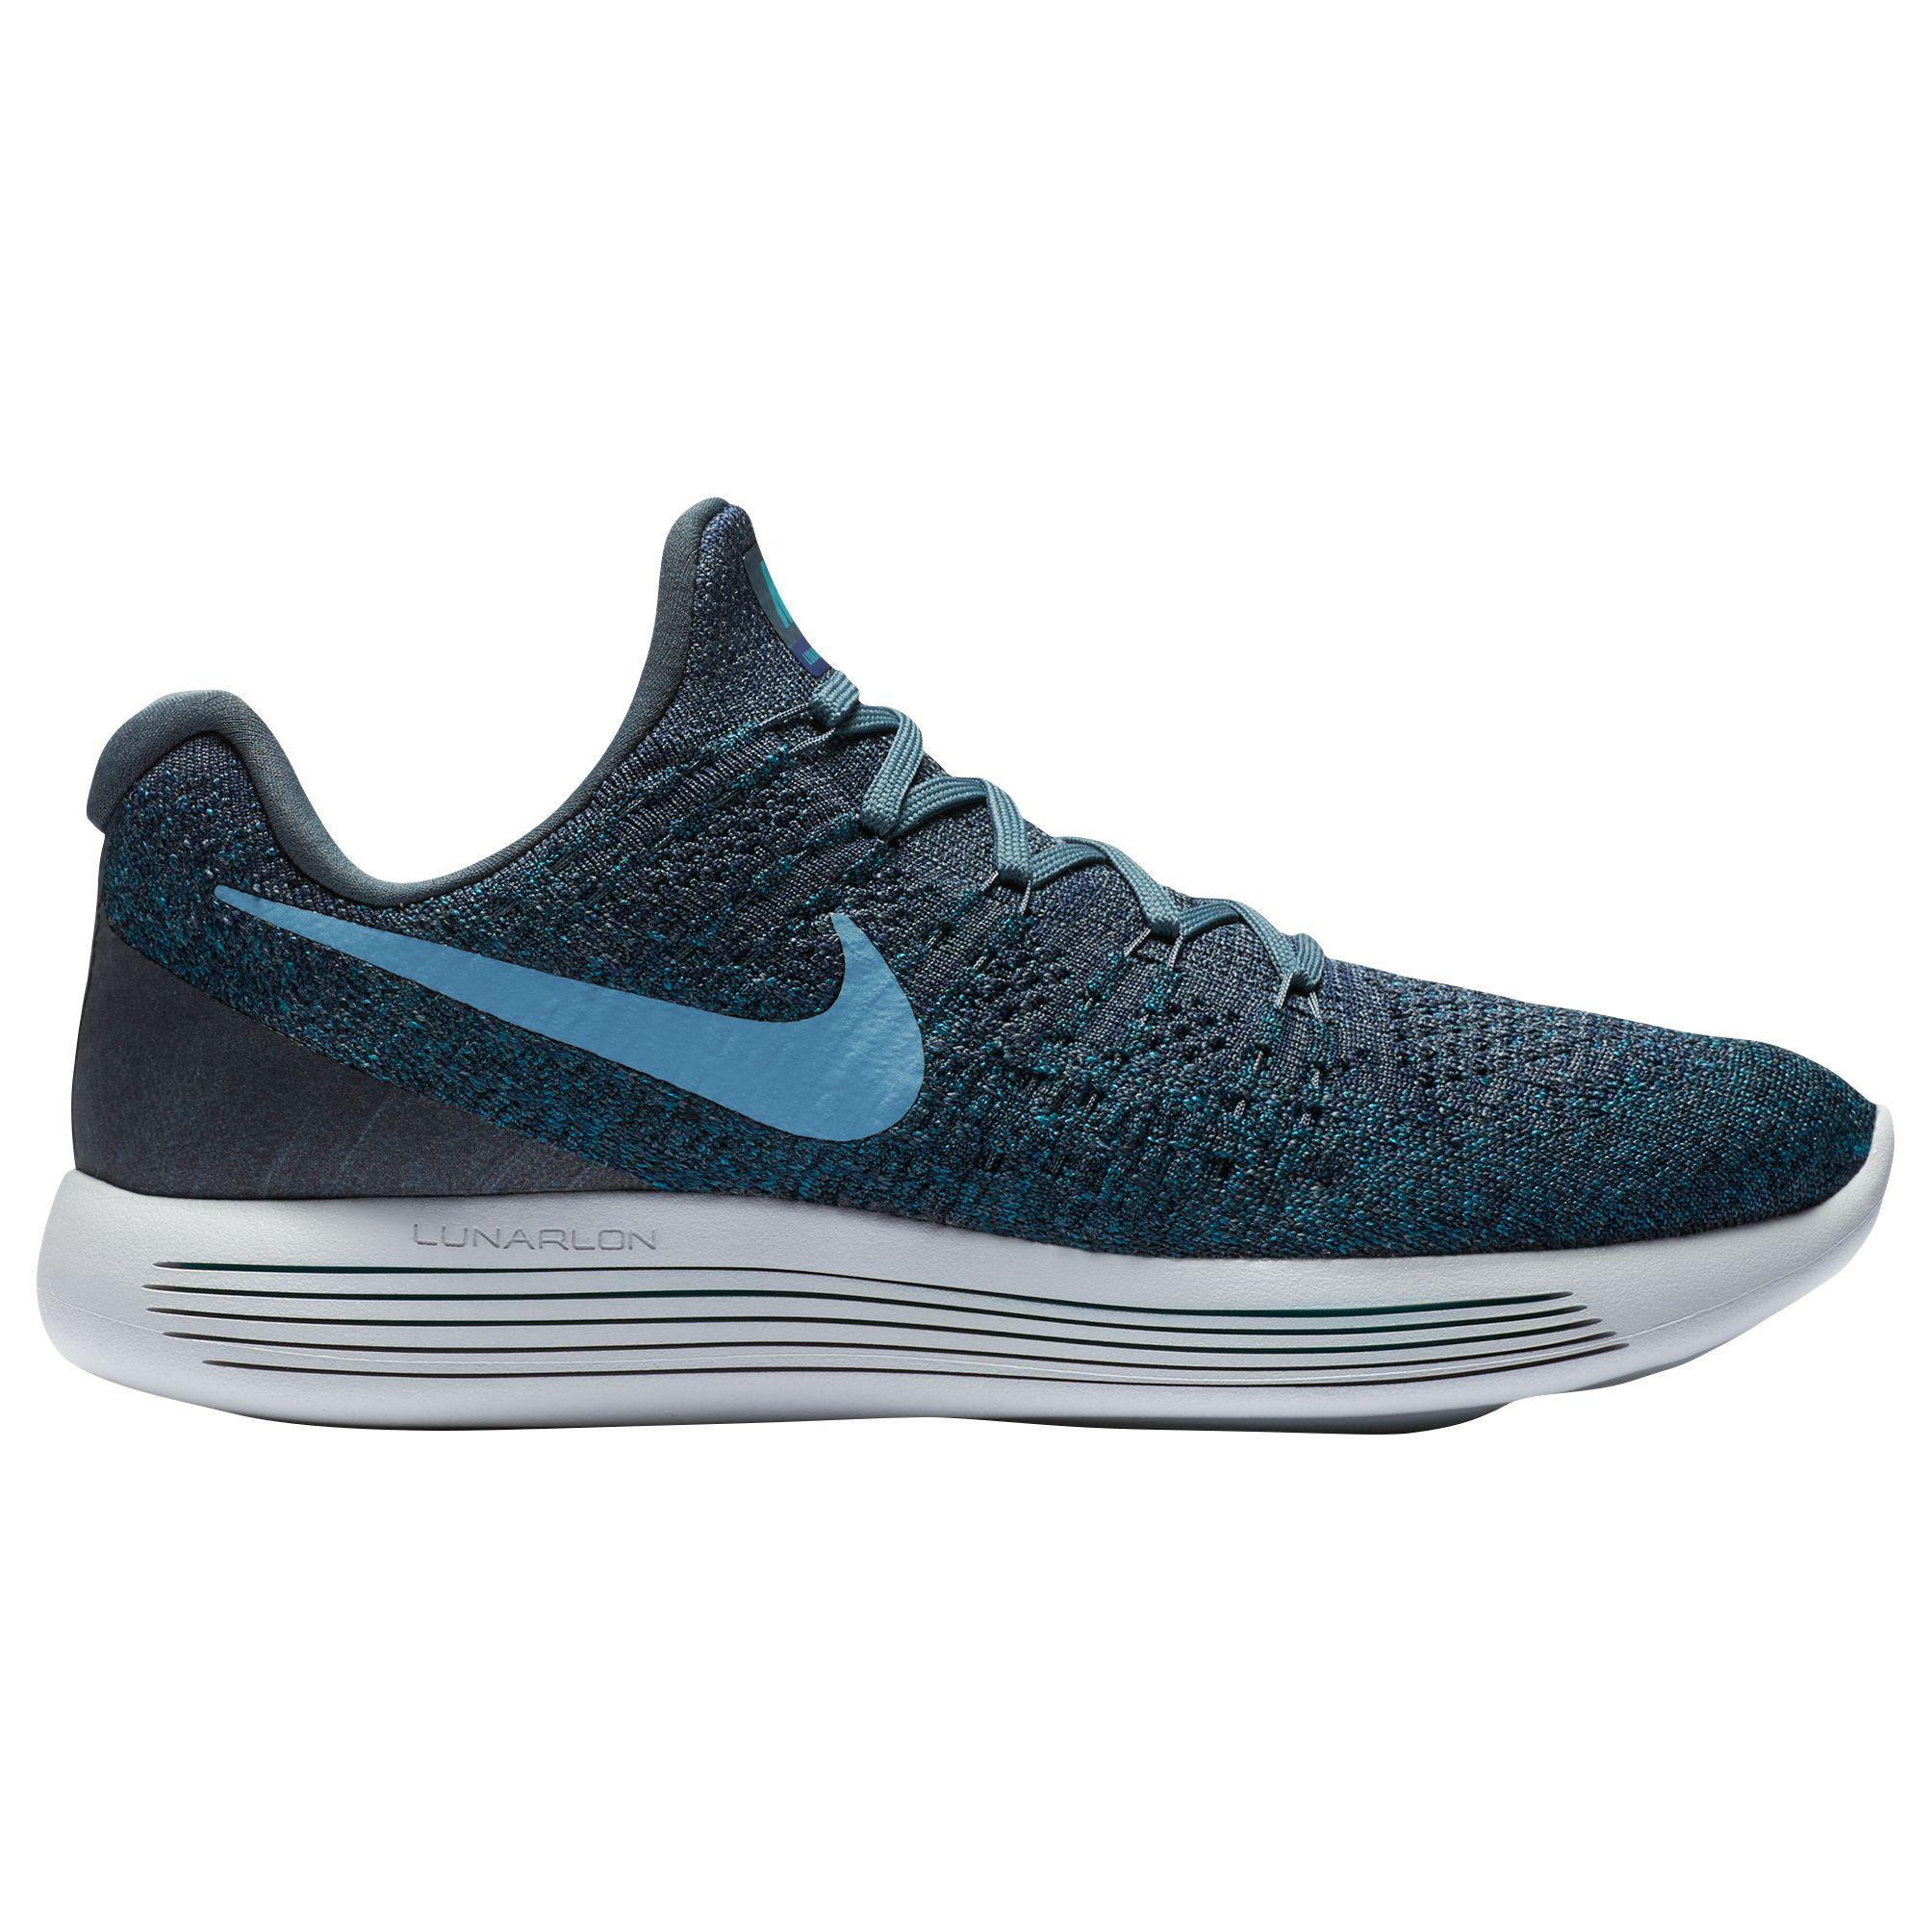 Nike Lunarepic Flyknit UK Size 8 Men's